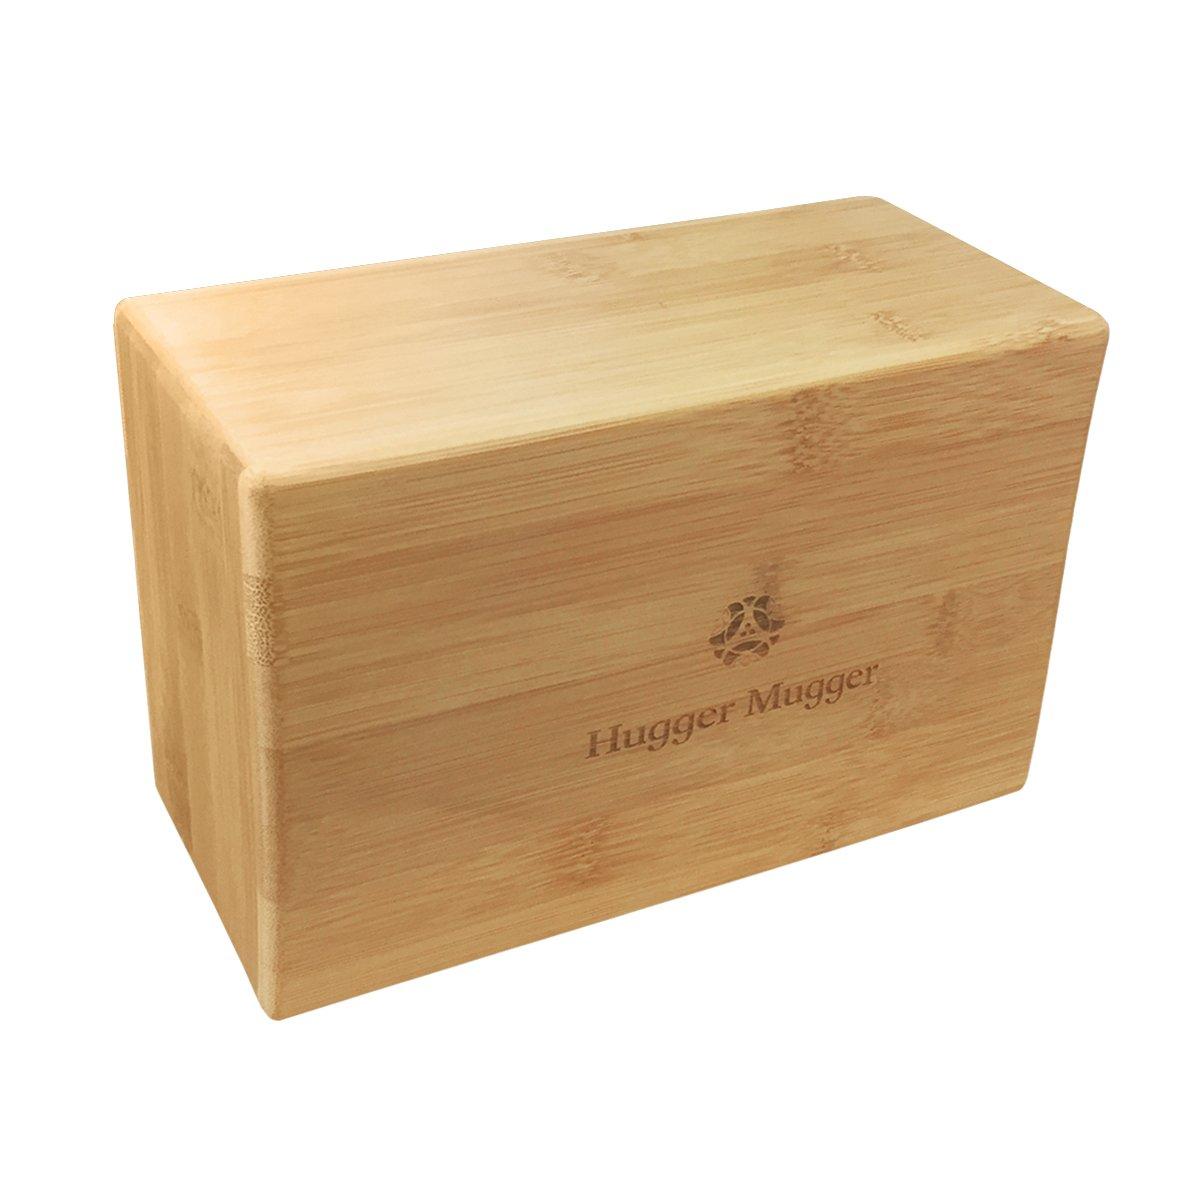 Hugger Mugger Bamboo Block